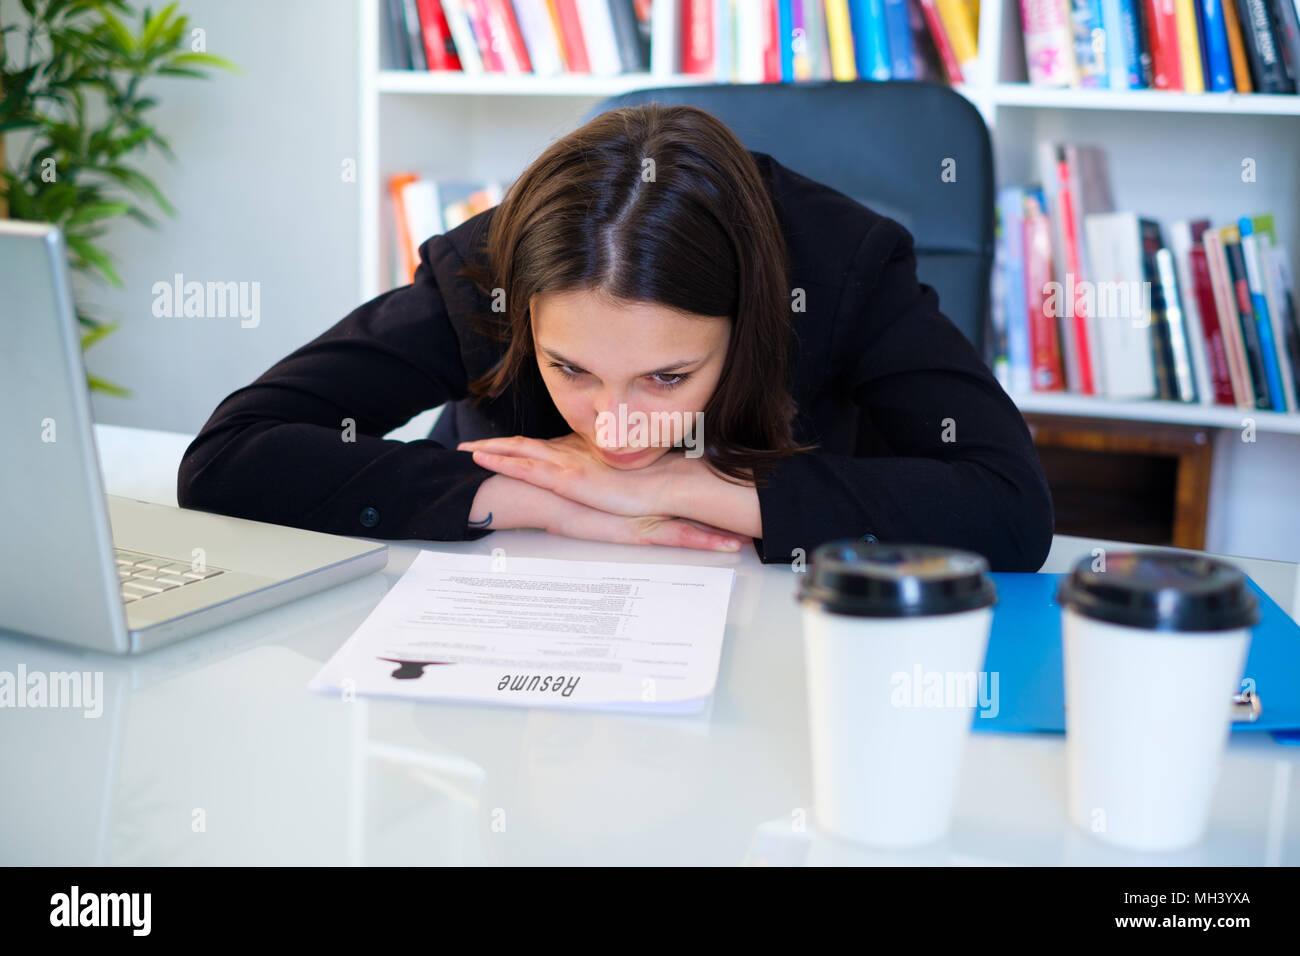 Jeune femme écrit son cv cv pour job interview Photo Stock